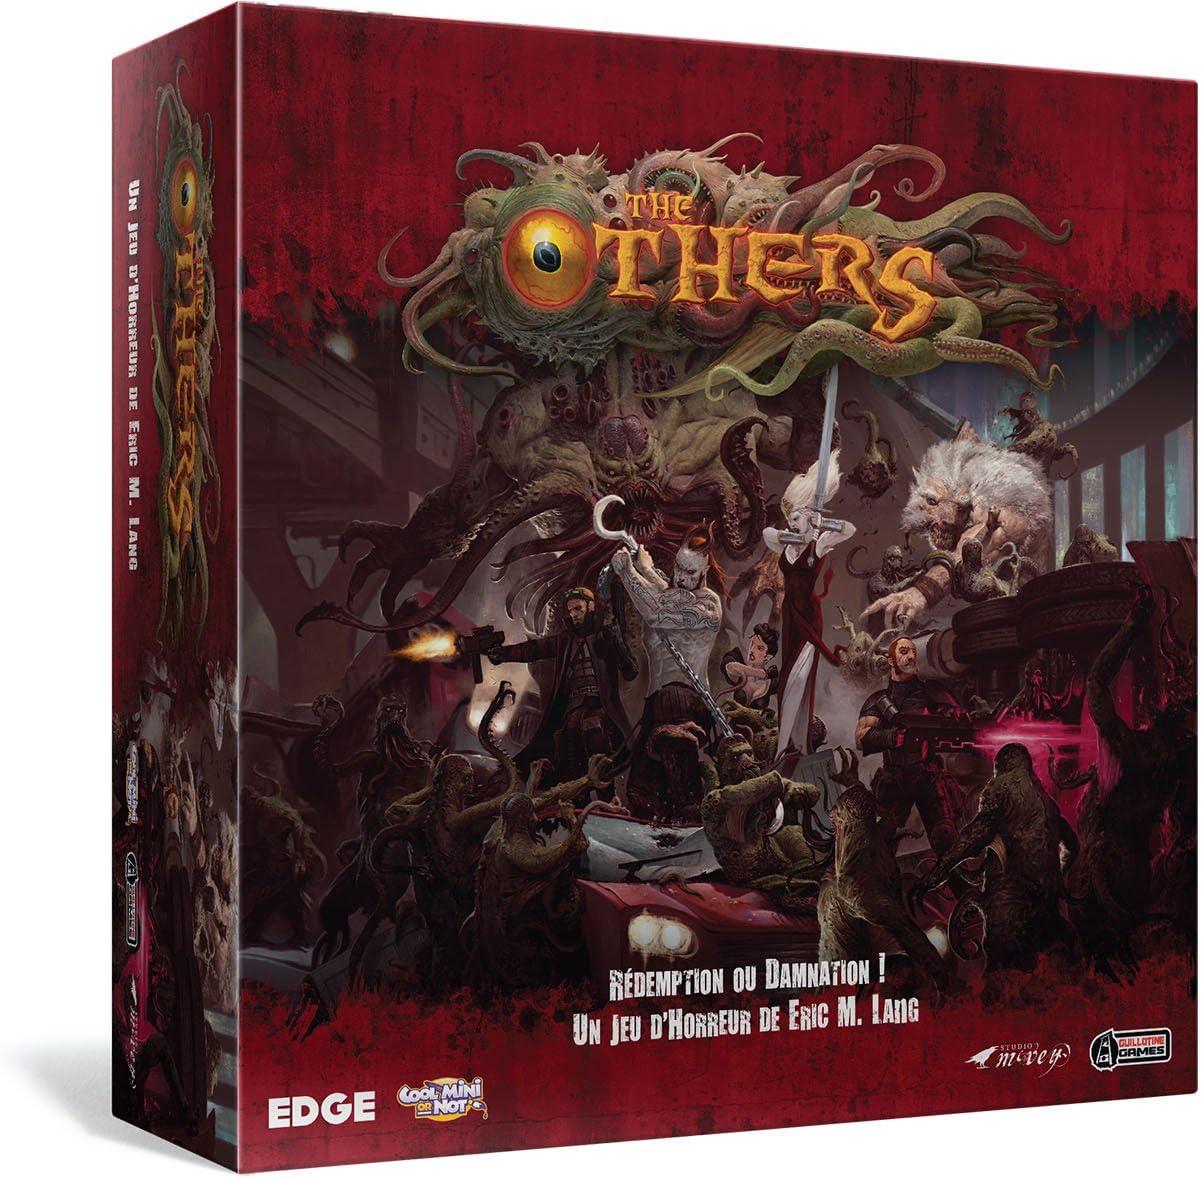 Asmodee – The Others: 7 Sins, ubissn001, no precisa: Amazon.es: Juguetes y juegos